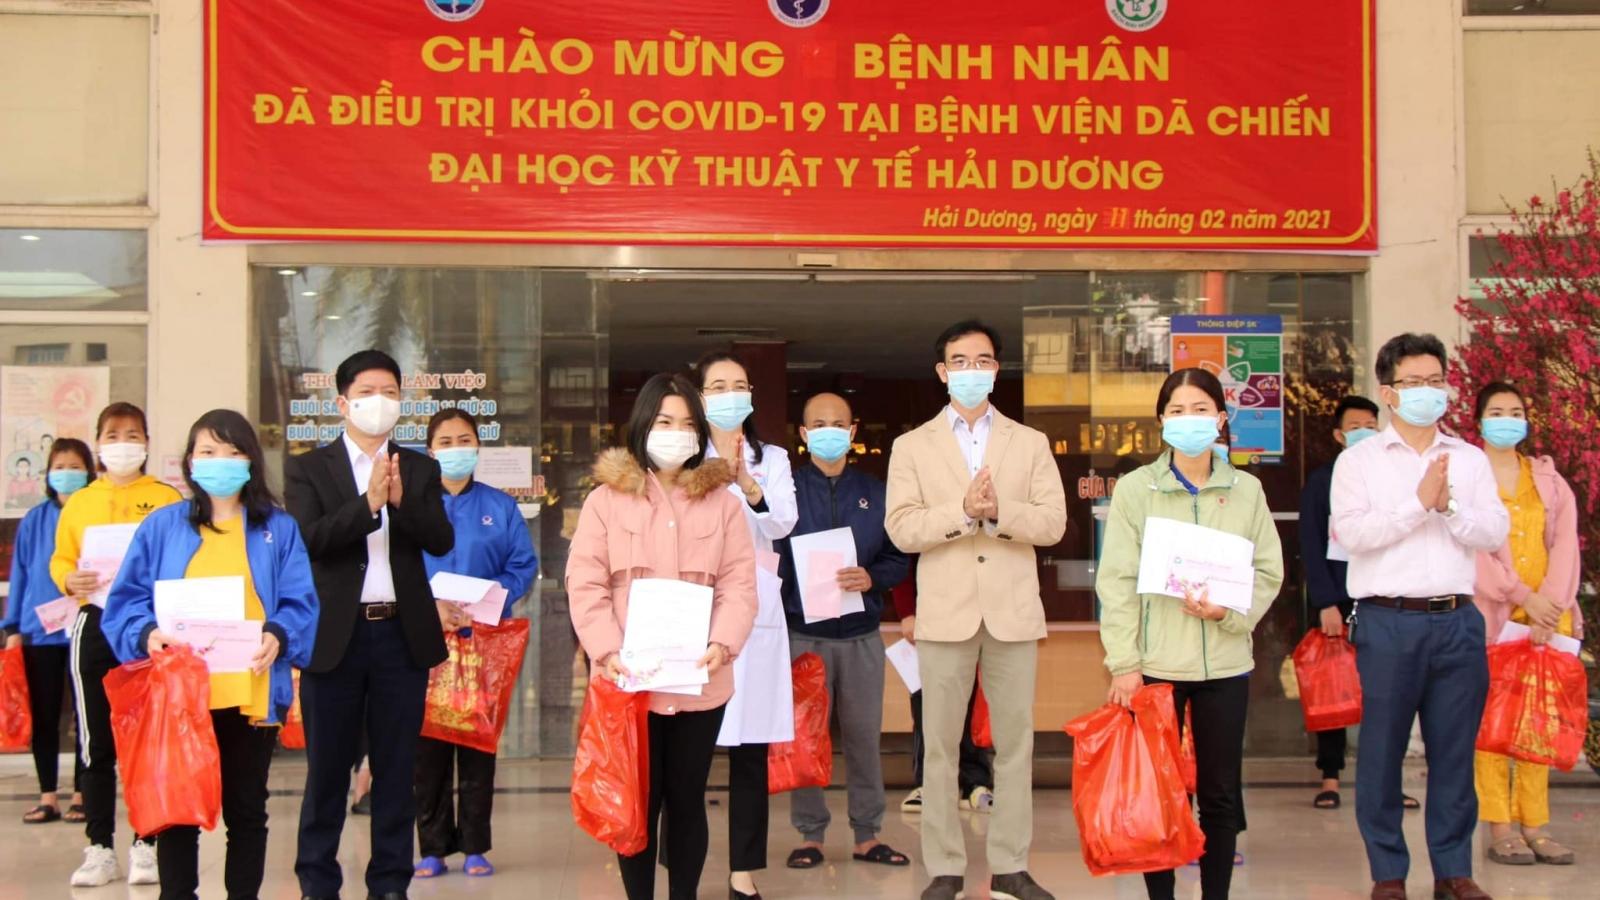 27 bệnh nhân COVID-19 được công bố khỏi bệnh trong ngày 30 Tết